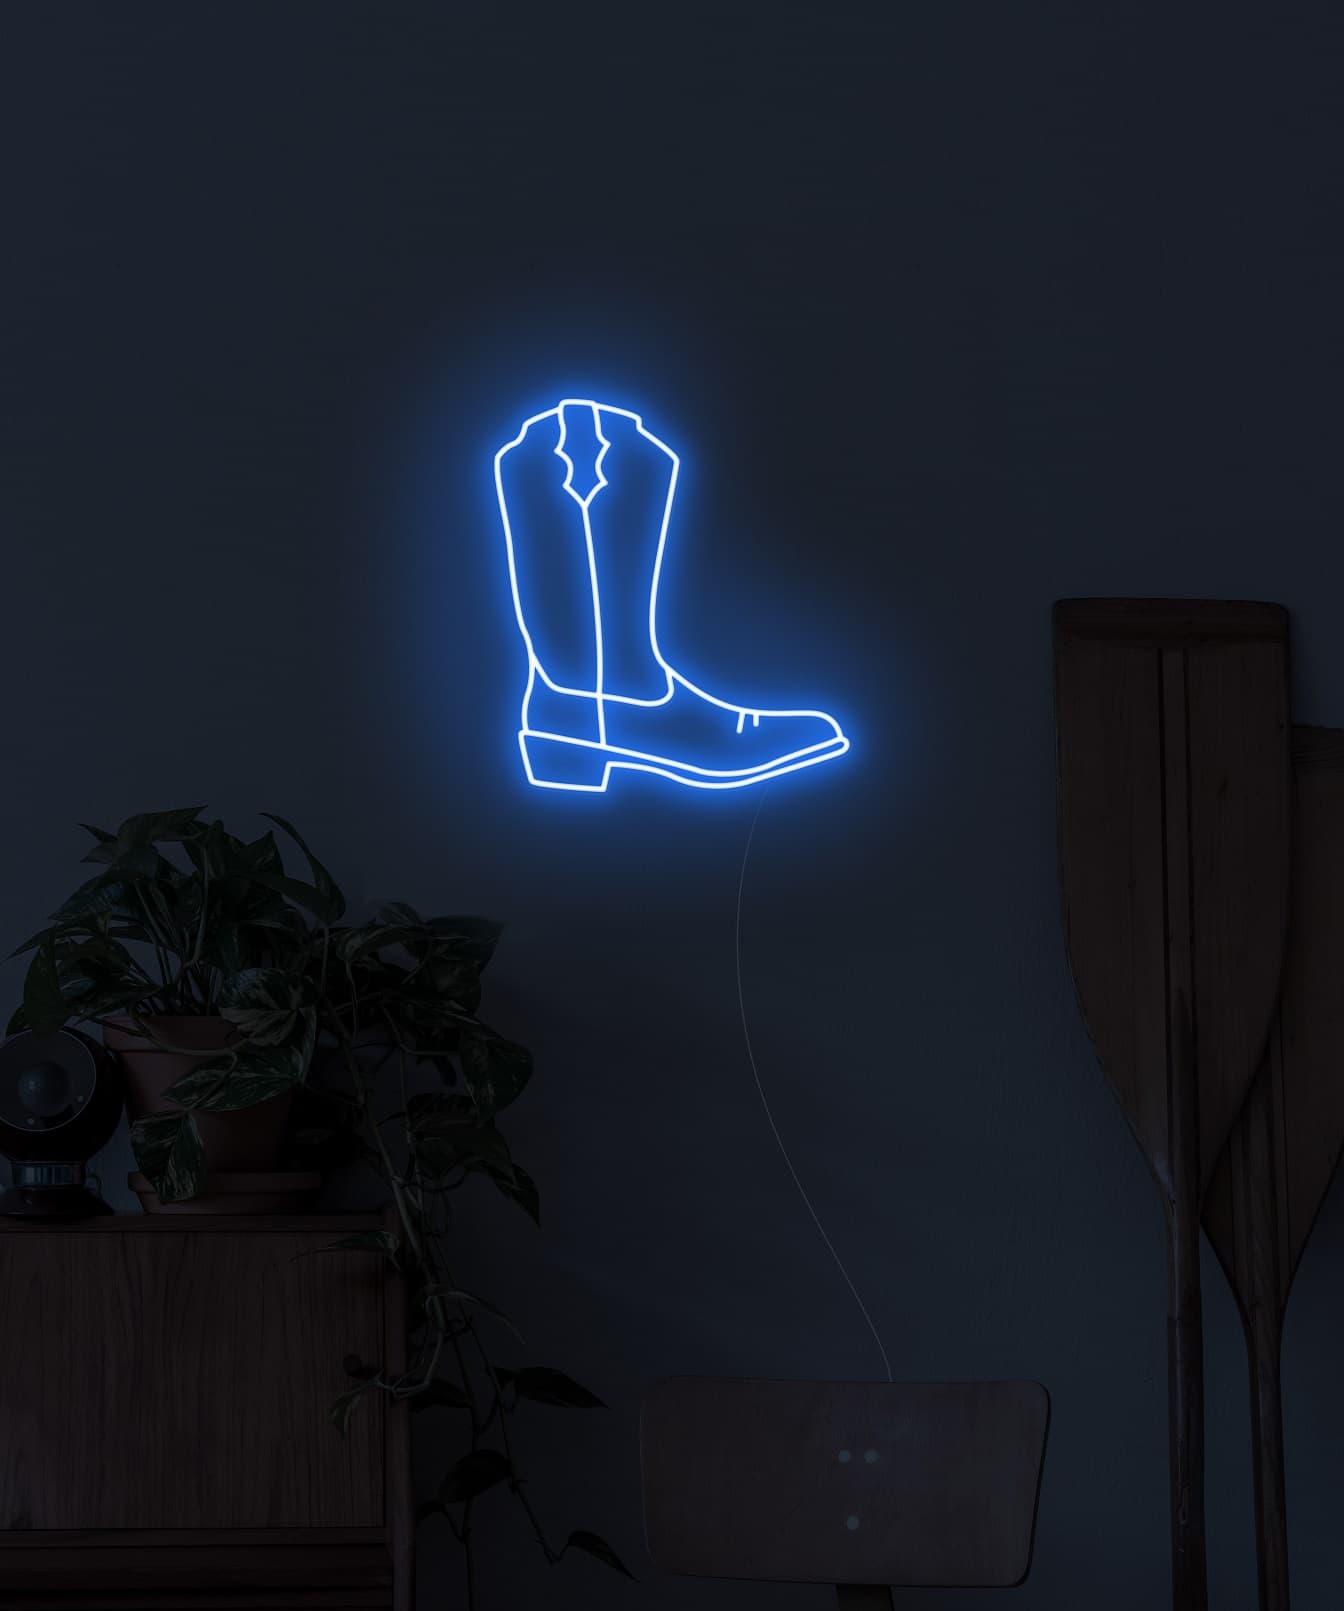 wall art neon light